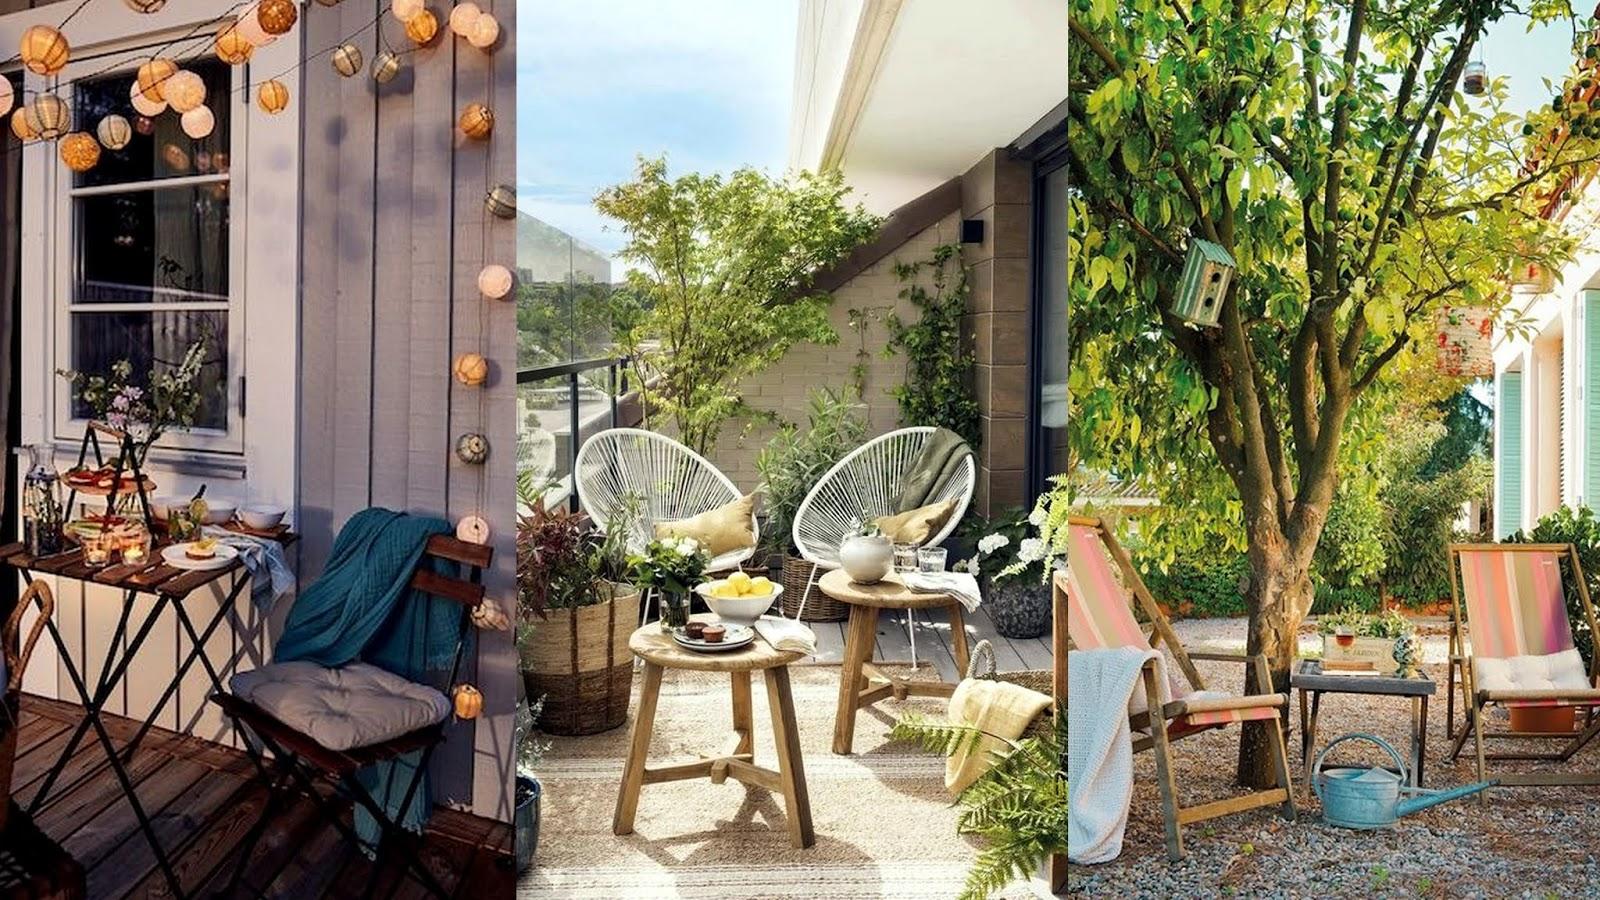 9 Επιλογές σε έπιπλα εξωτερικού χώρου για το φετινό καλοκαίρι - Φωτογραφία 2